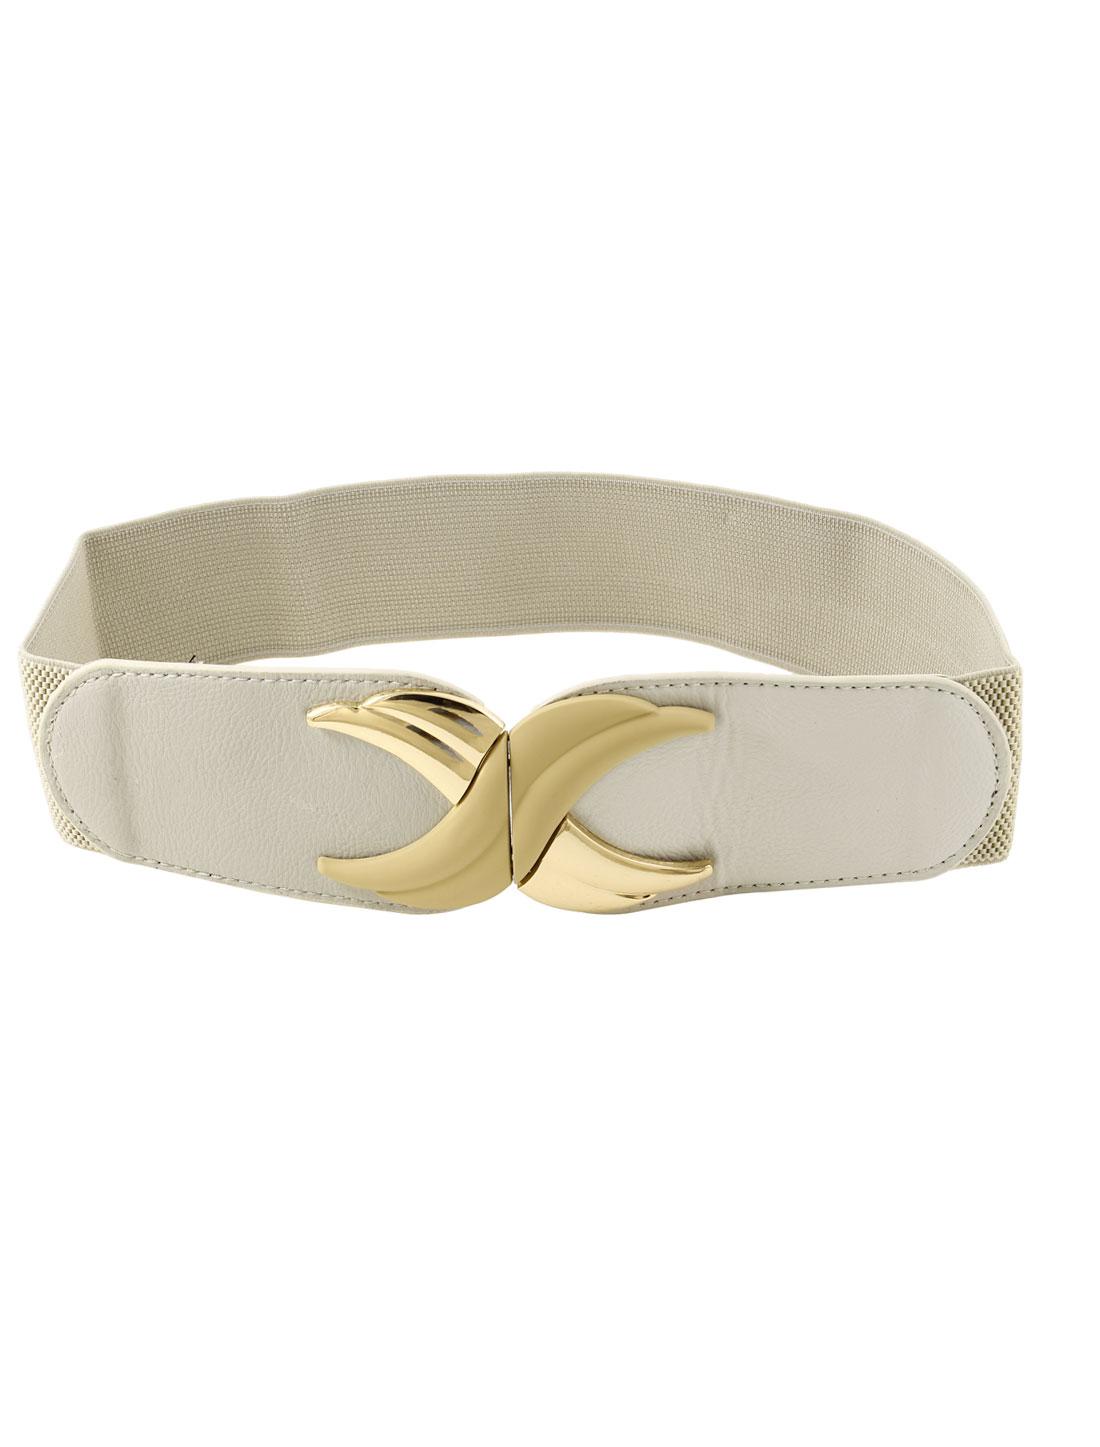 Beige Faux Leather Interlock Buckle Elastic Waist Belt Cinch for Lady